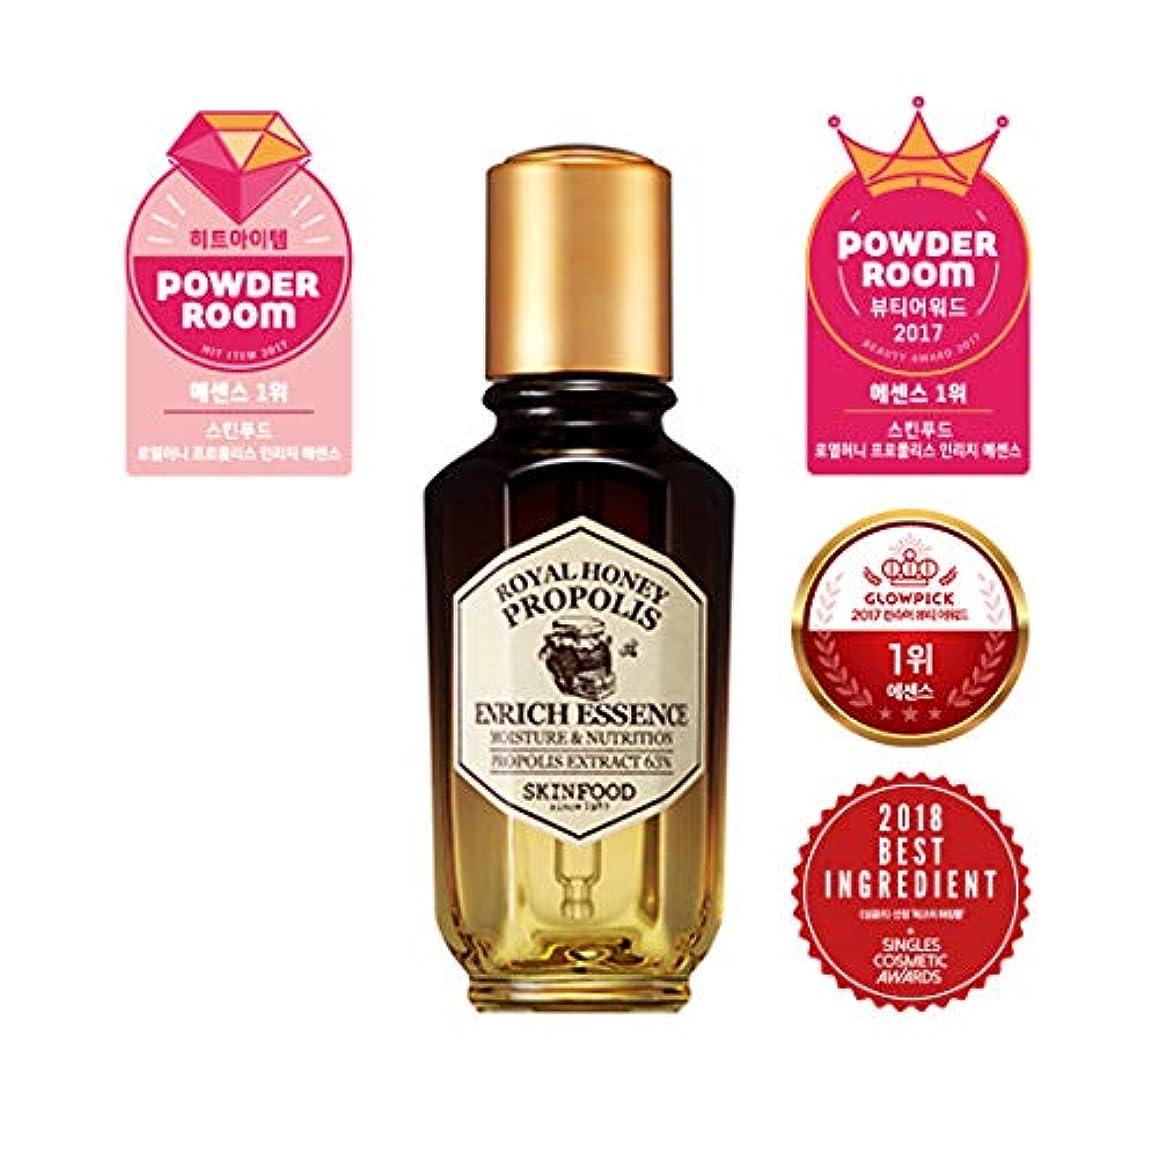 難破船初期の著作権Skinfood ロイヤルハニープロポリスエンリッチエッセンス/Royal Honey Propolis Enrich Essence 50ml [並行輸入品]